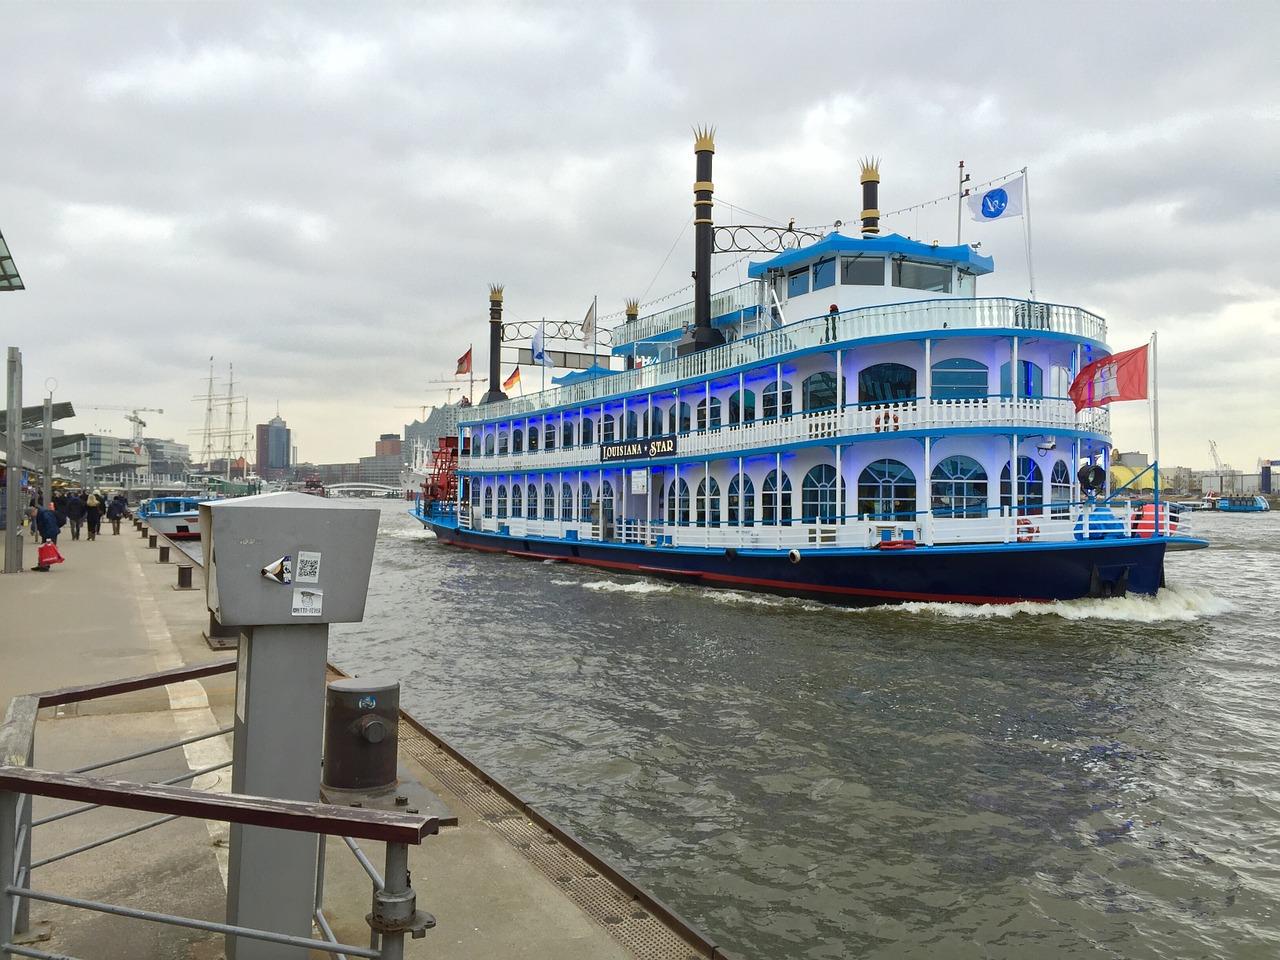 Alle Mann an Bord – Mit dem Schiff durch den Hamburger Hafen